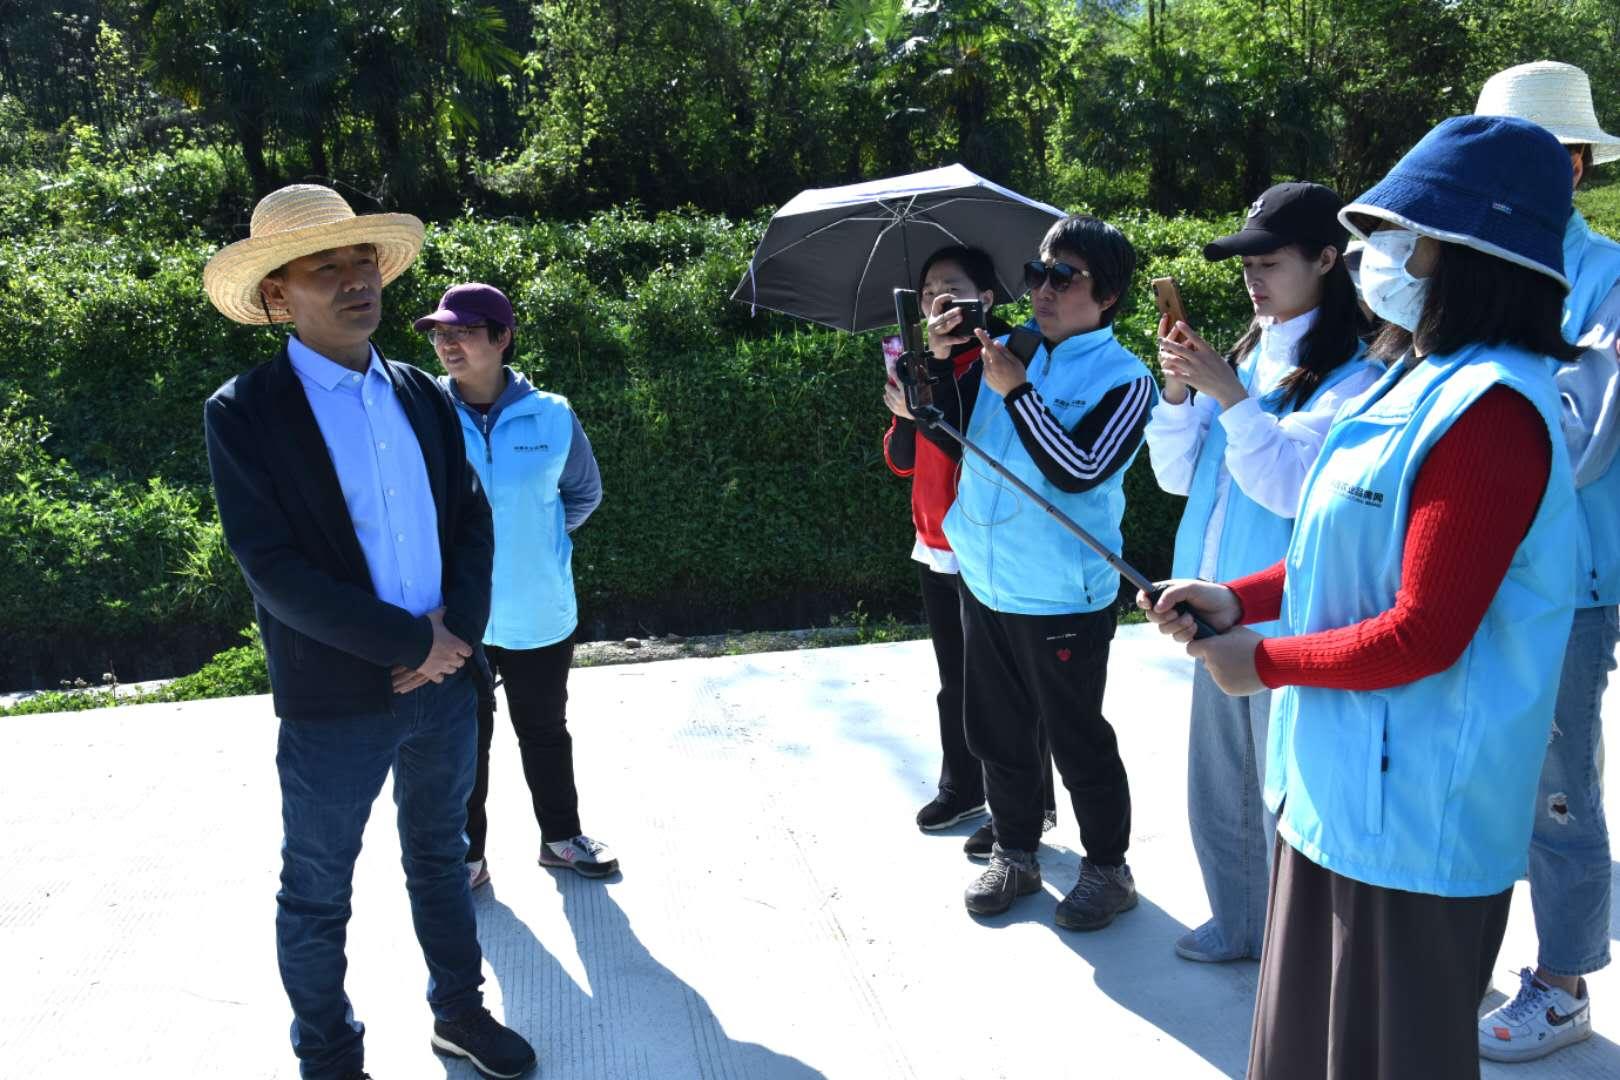 陕西熙园生态农业有限公司法人徐寿炳向直播间的网友介绍了自己的创业故事,带网友看茶园。